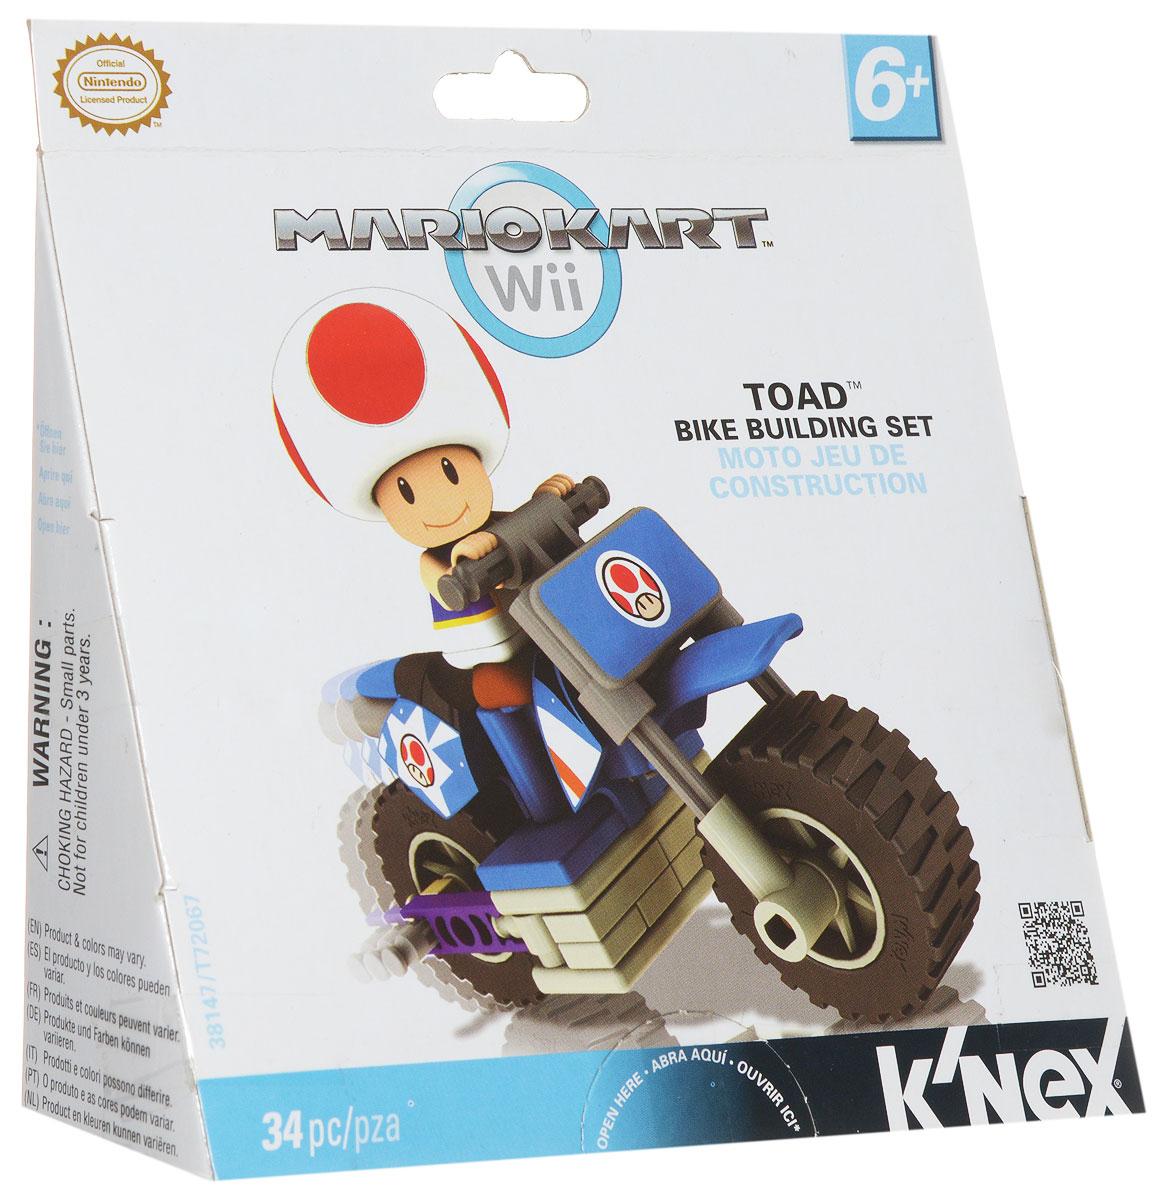 Knex Конструктор Транспорт Mario цвет синий1134422_синийКонструктор Knex Транспорт Mario понравится всем поклонникам видеоигры от компании Nintendo. Все элементы выполнены из прочного и безопасного материала. В комплект входят 34 элемента конструктора, включая фигурку любимого героя. С помощью деталей конструктора ребенок сможет собрать мотоцикл и фигурку. Ваш ребенок будет часами играть с этим конструктором и фигуркой, придумывая различные истории.